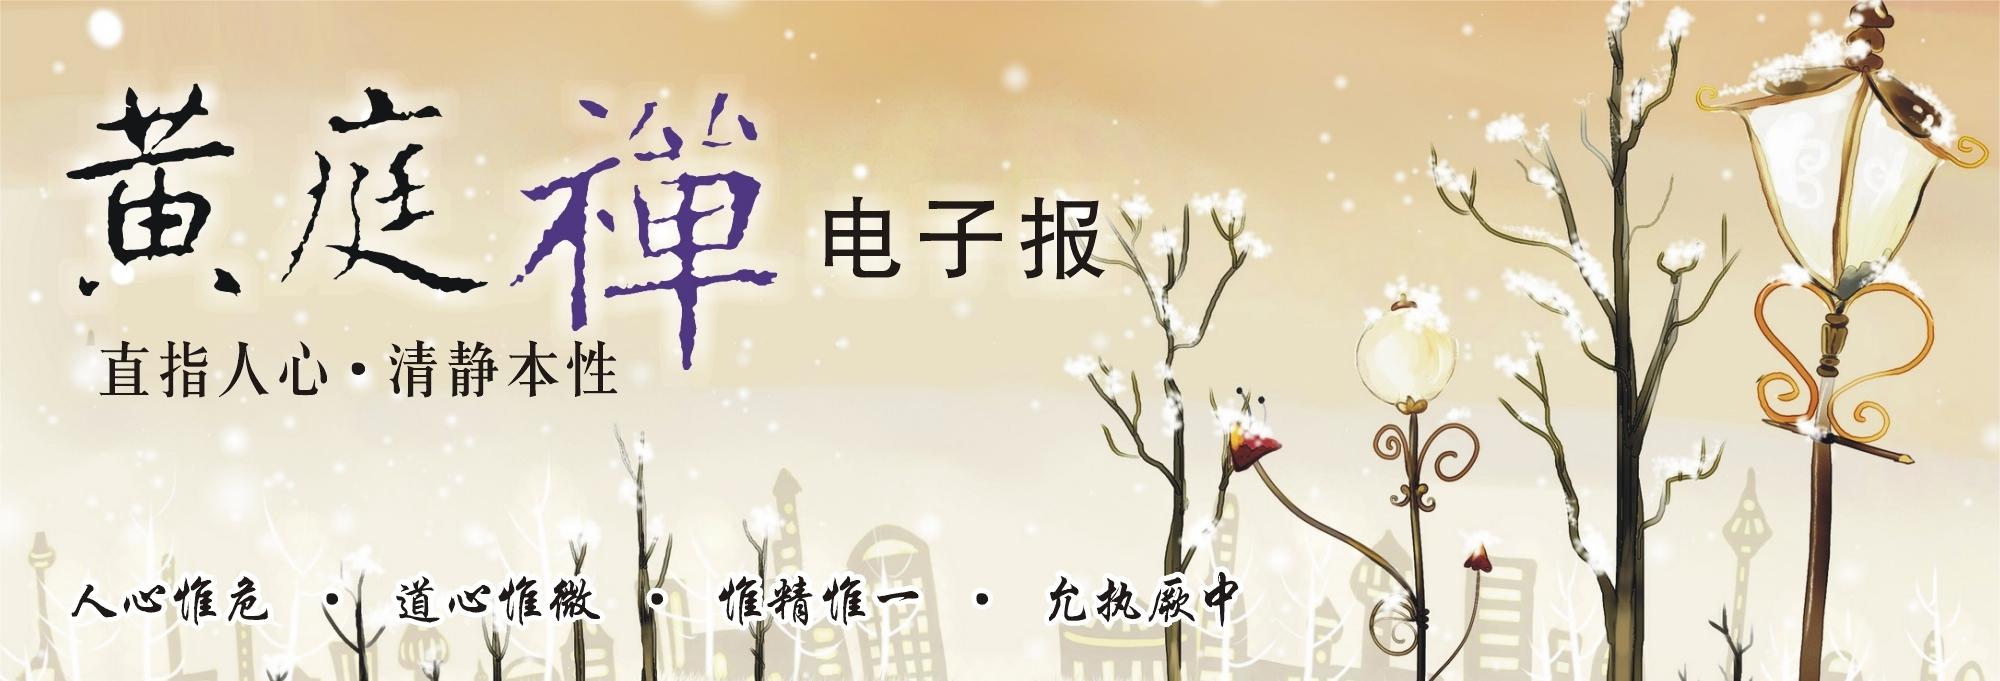 中华黄庭禅学会2016.01.01电子报